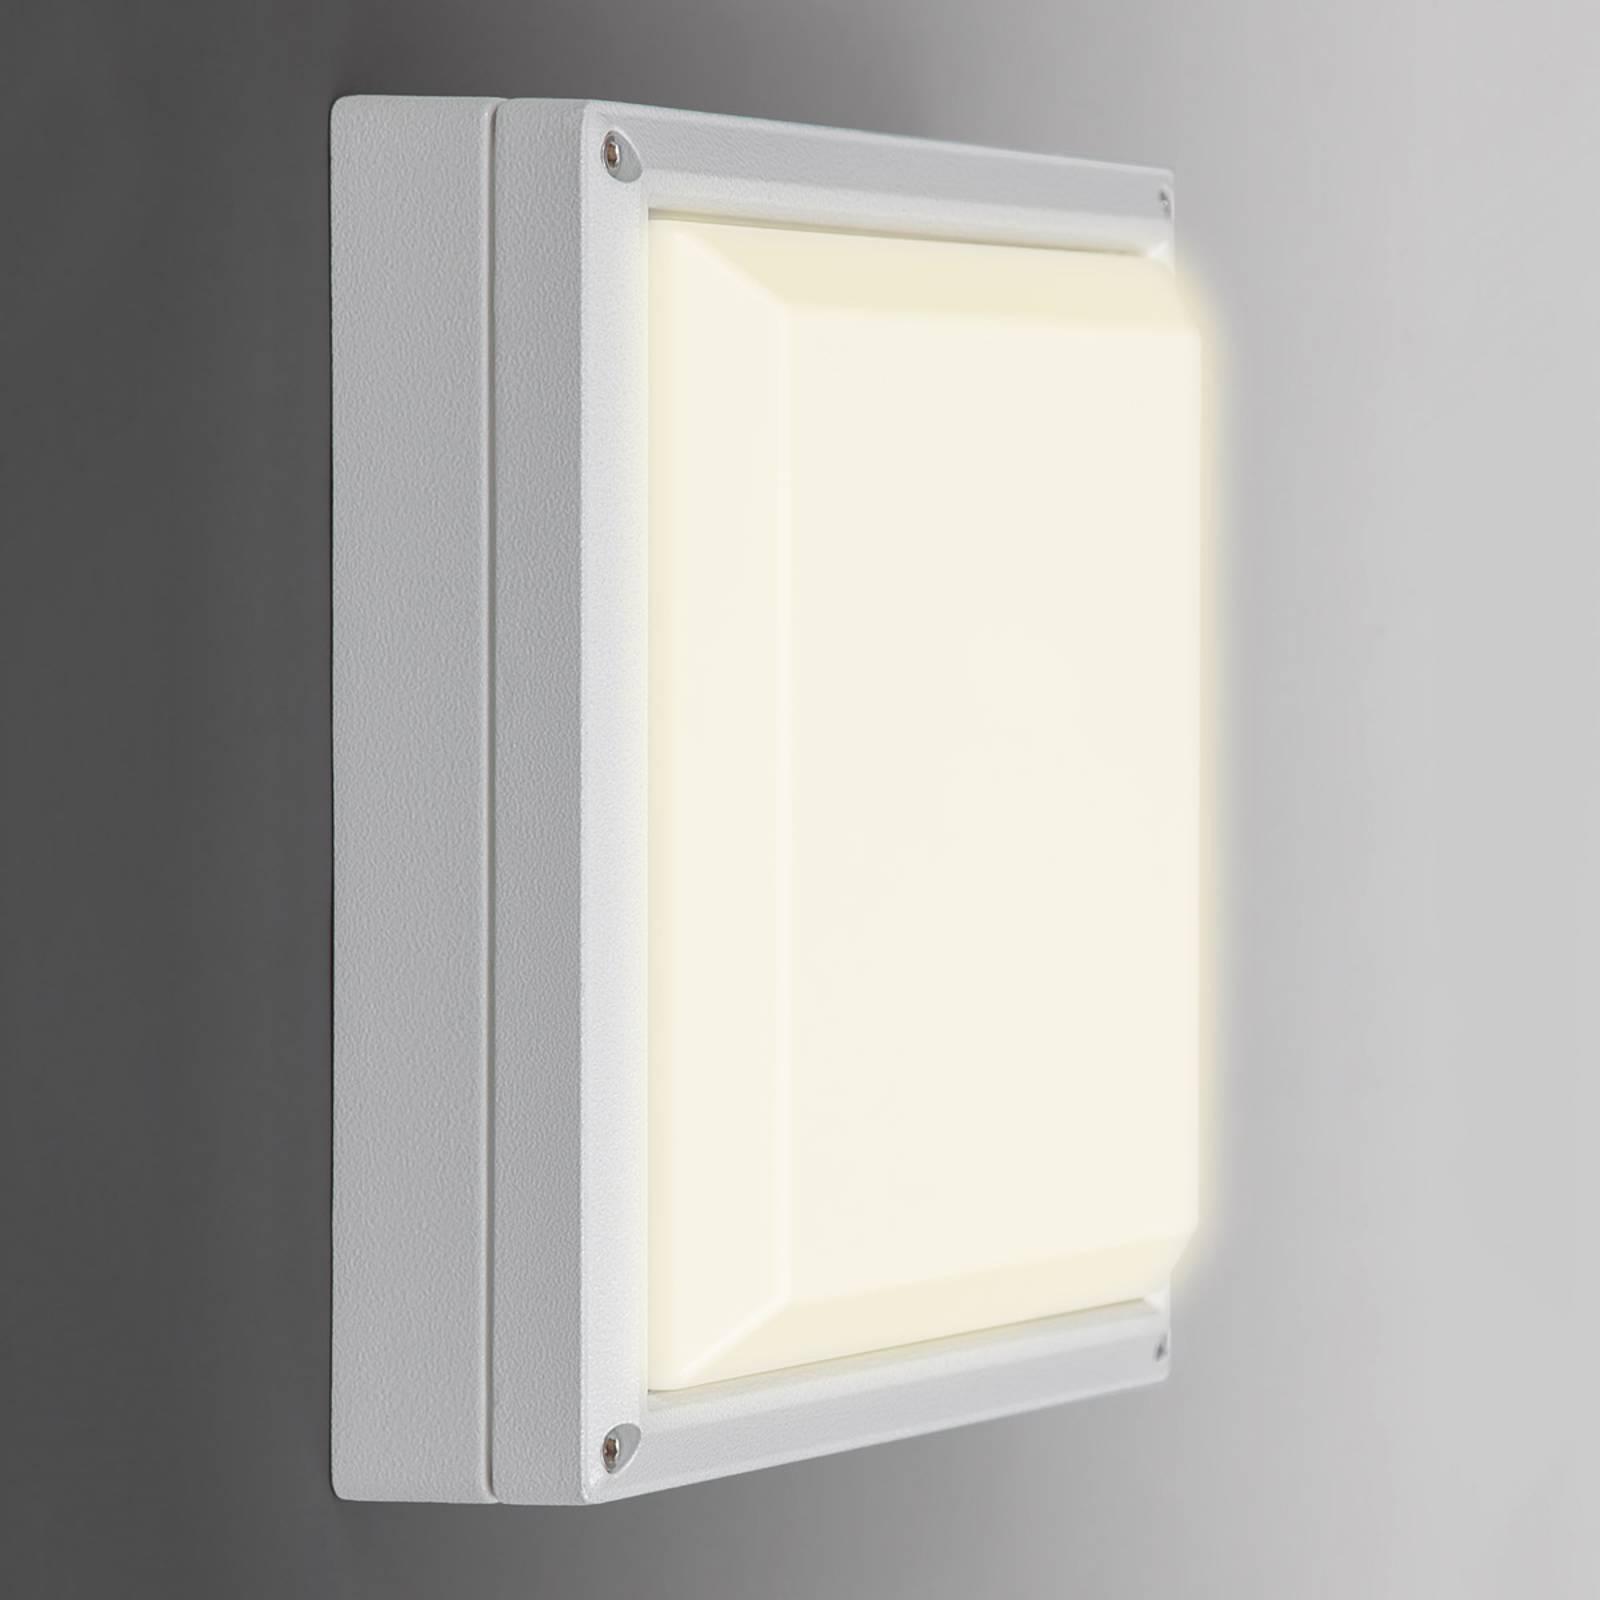 LED-seinävalaisin SUN 11, 13 W, valkoinen, 3 K